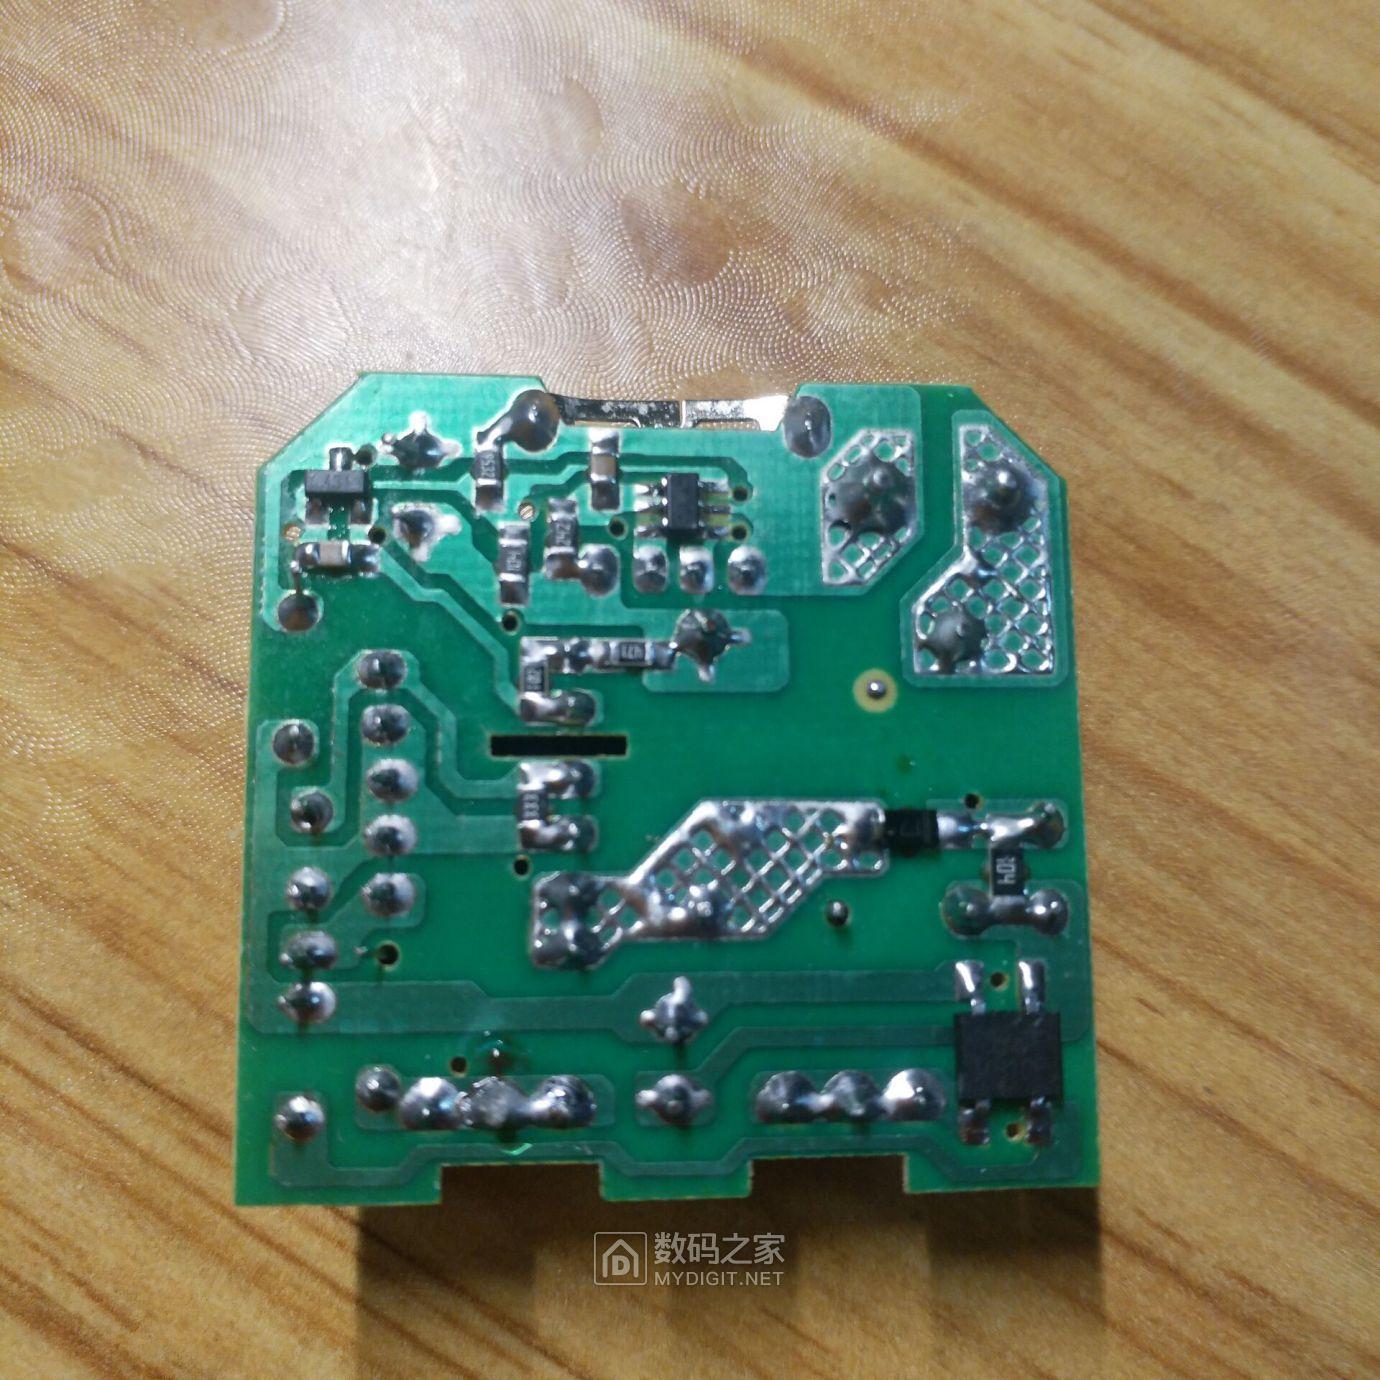 8D8D92905E3F4130BD3ED93D84704057.jpg